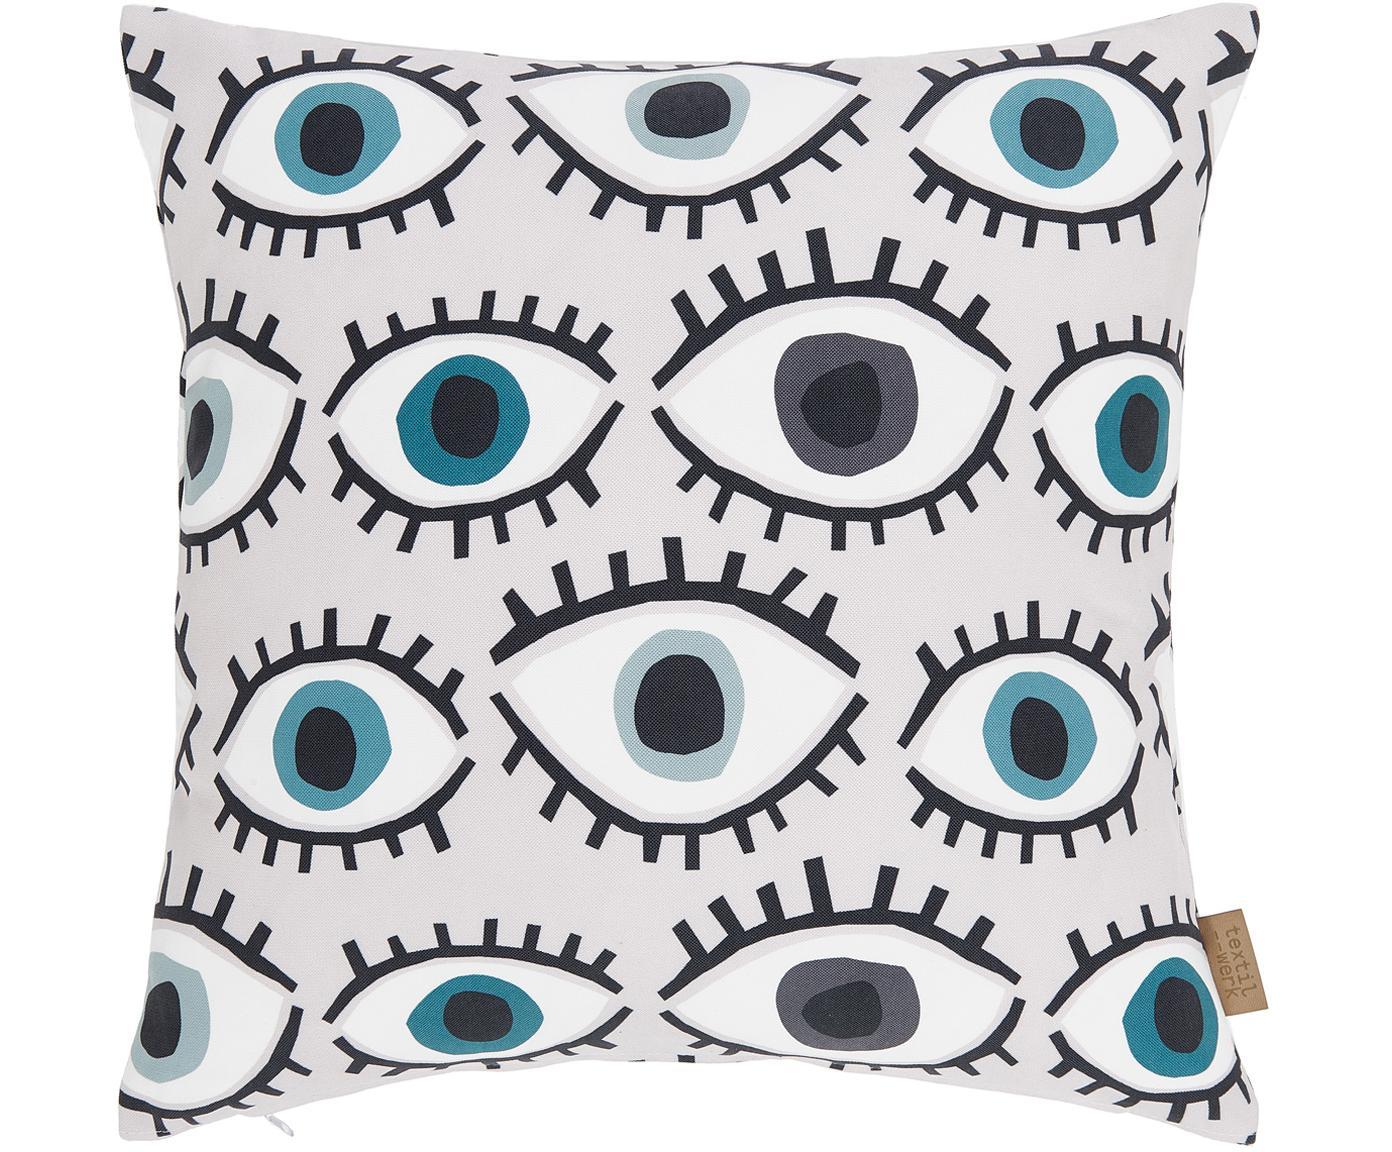 Poszewka na poduszkę Dream Big, Poliester, Blady różowy, niebieski, zielony, biały, czarny, S 40 x D 40 cm